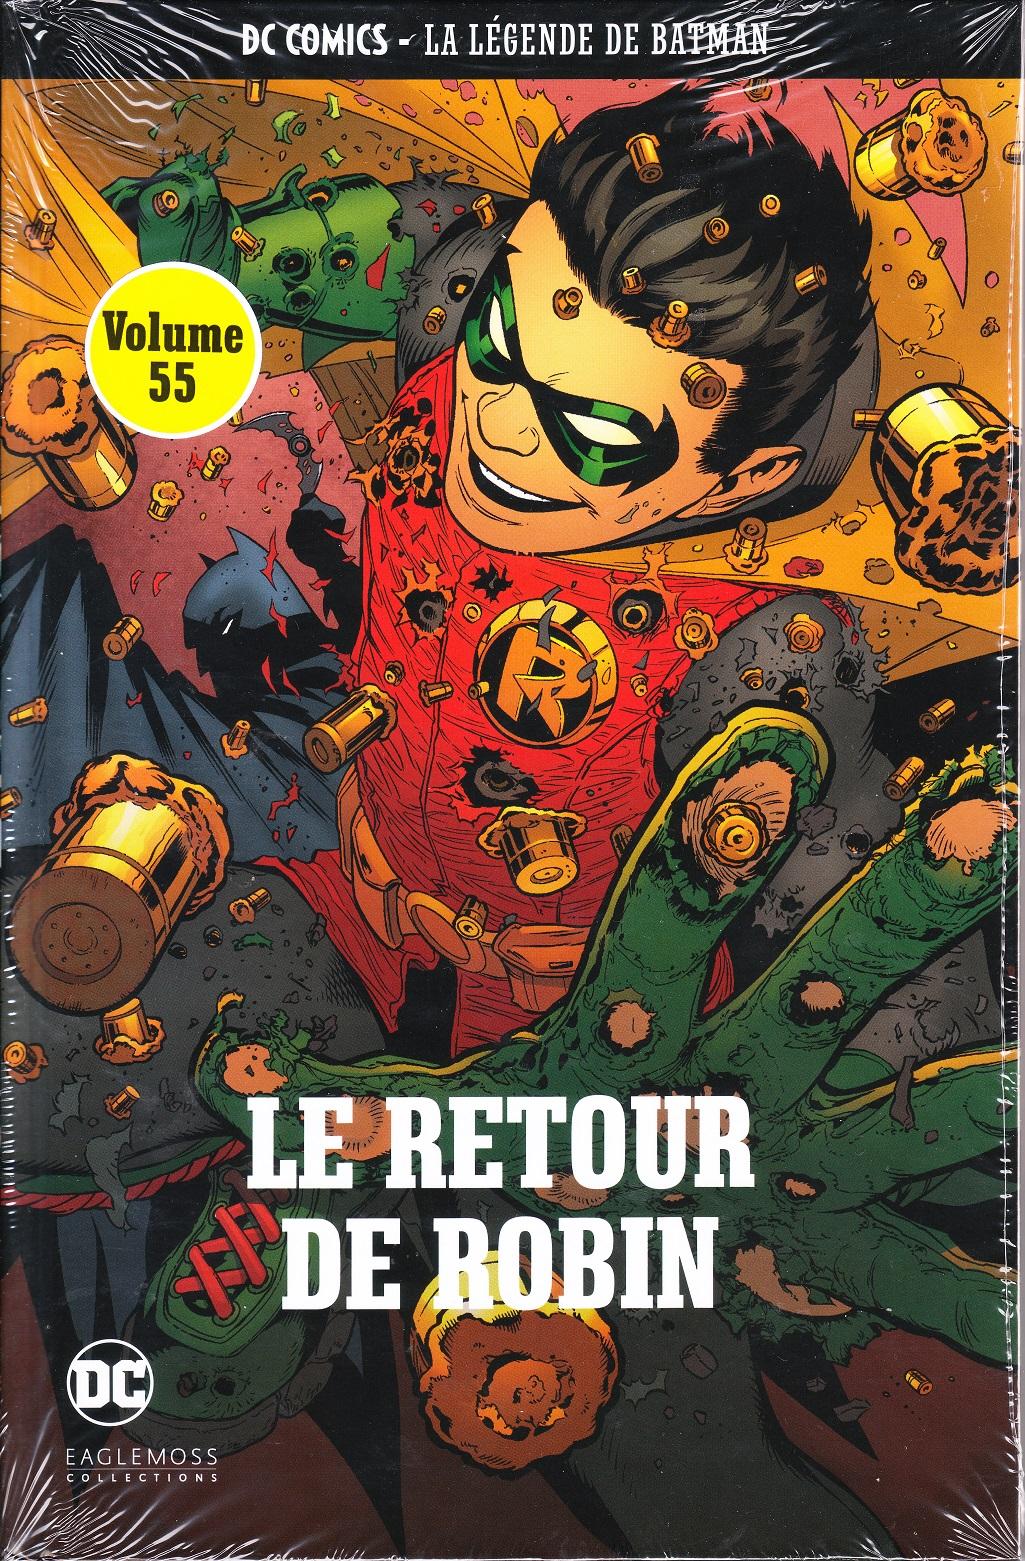 DC Comics - La Légende de Batman 76 - Le Retour de Robin